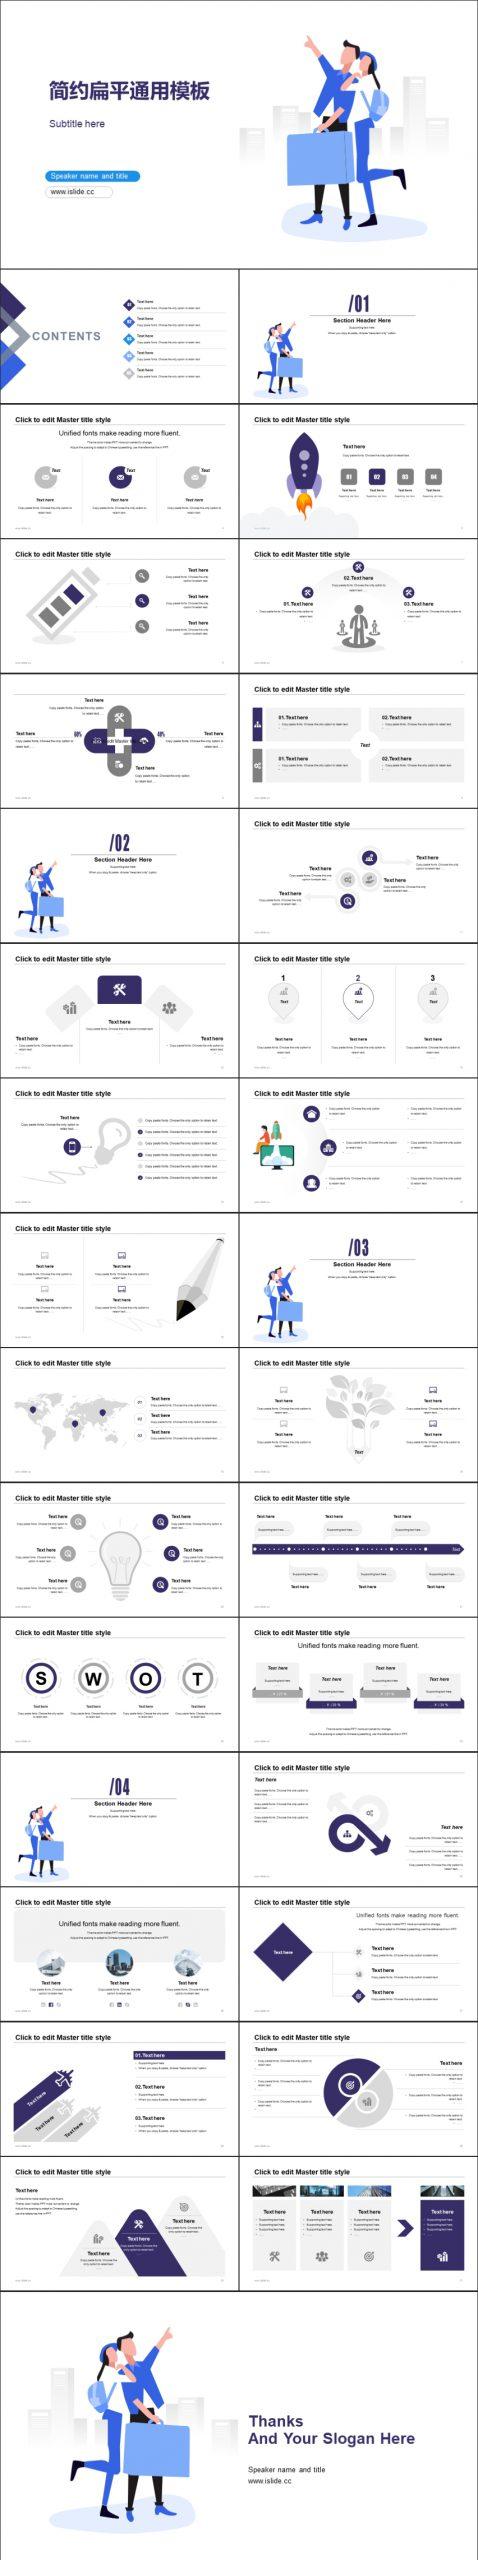 蓝色简约插画风旅游指南PPT模板下载_预览图2